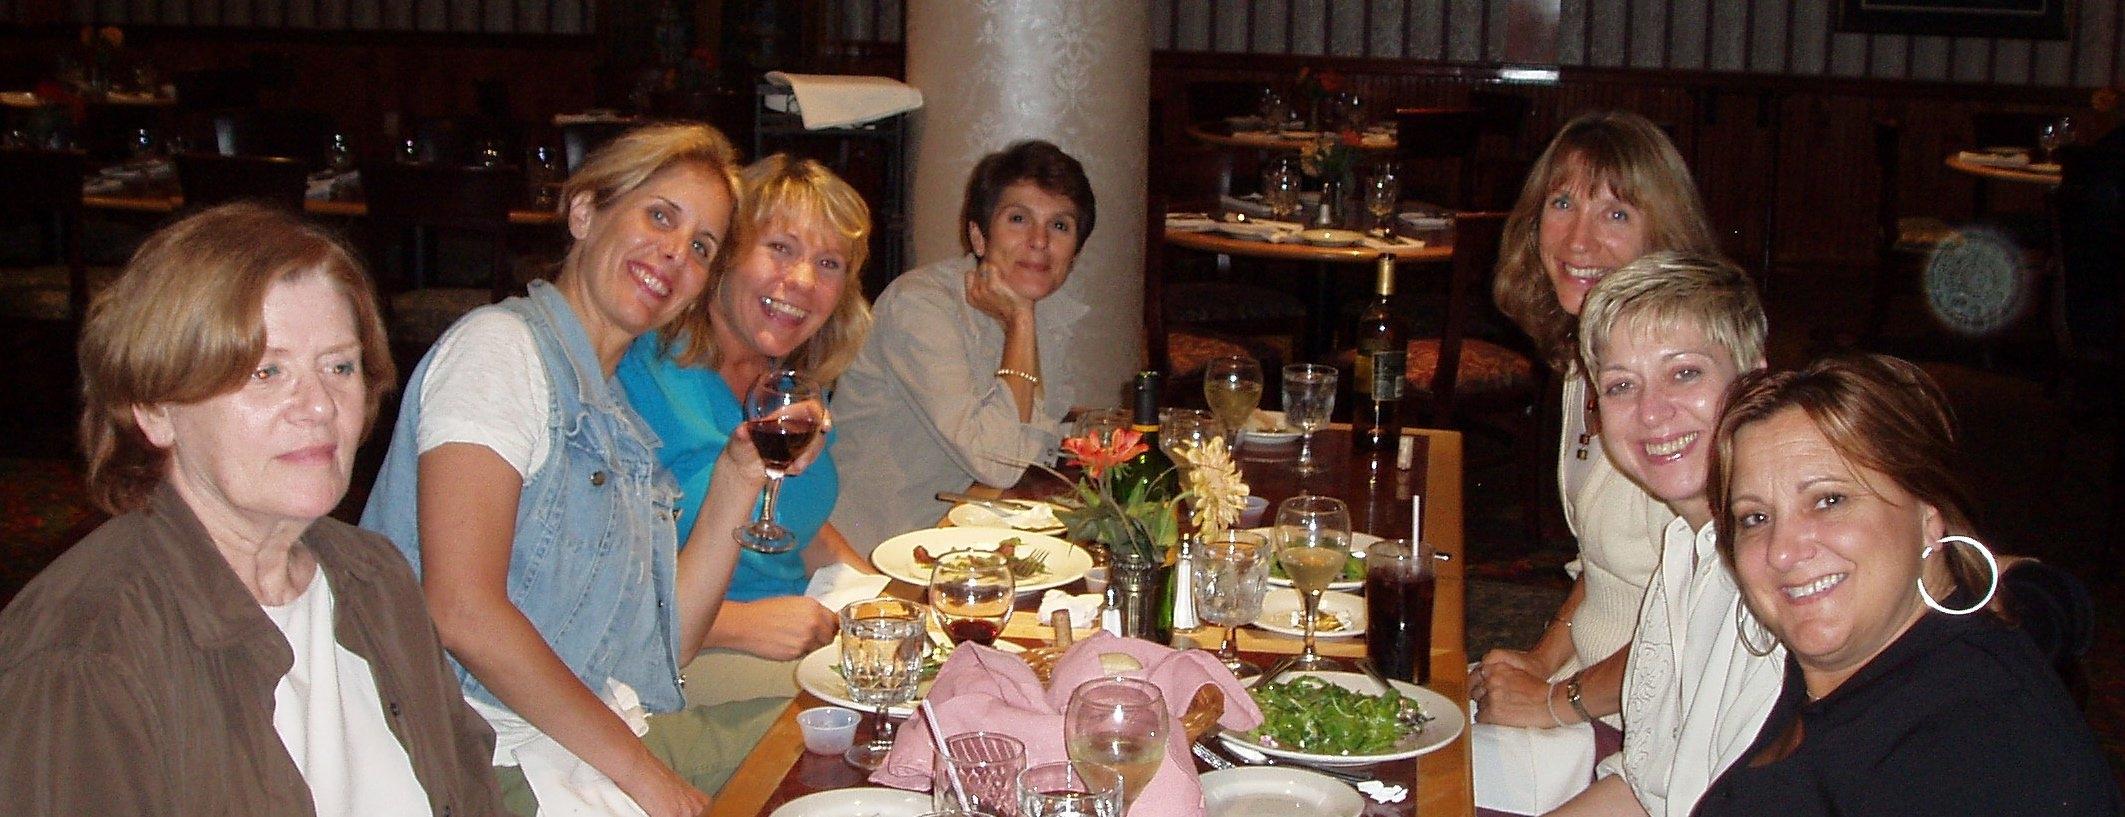 board dinner 2006.JPG